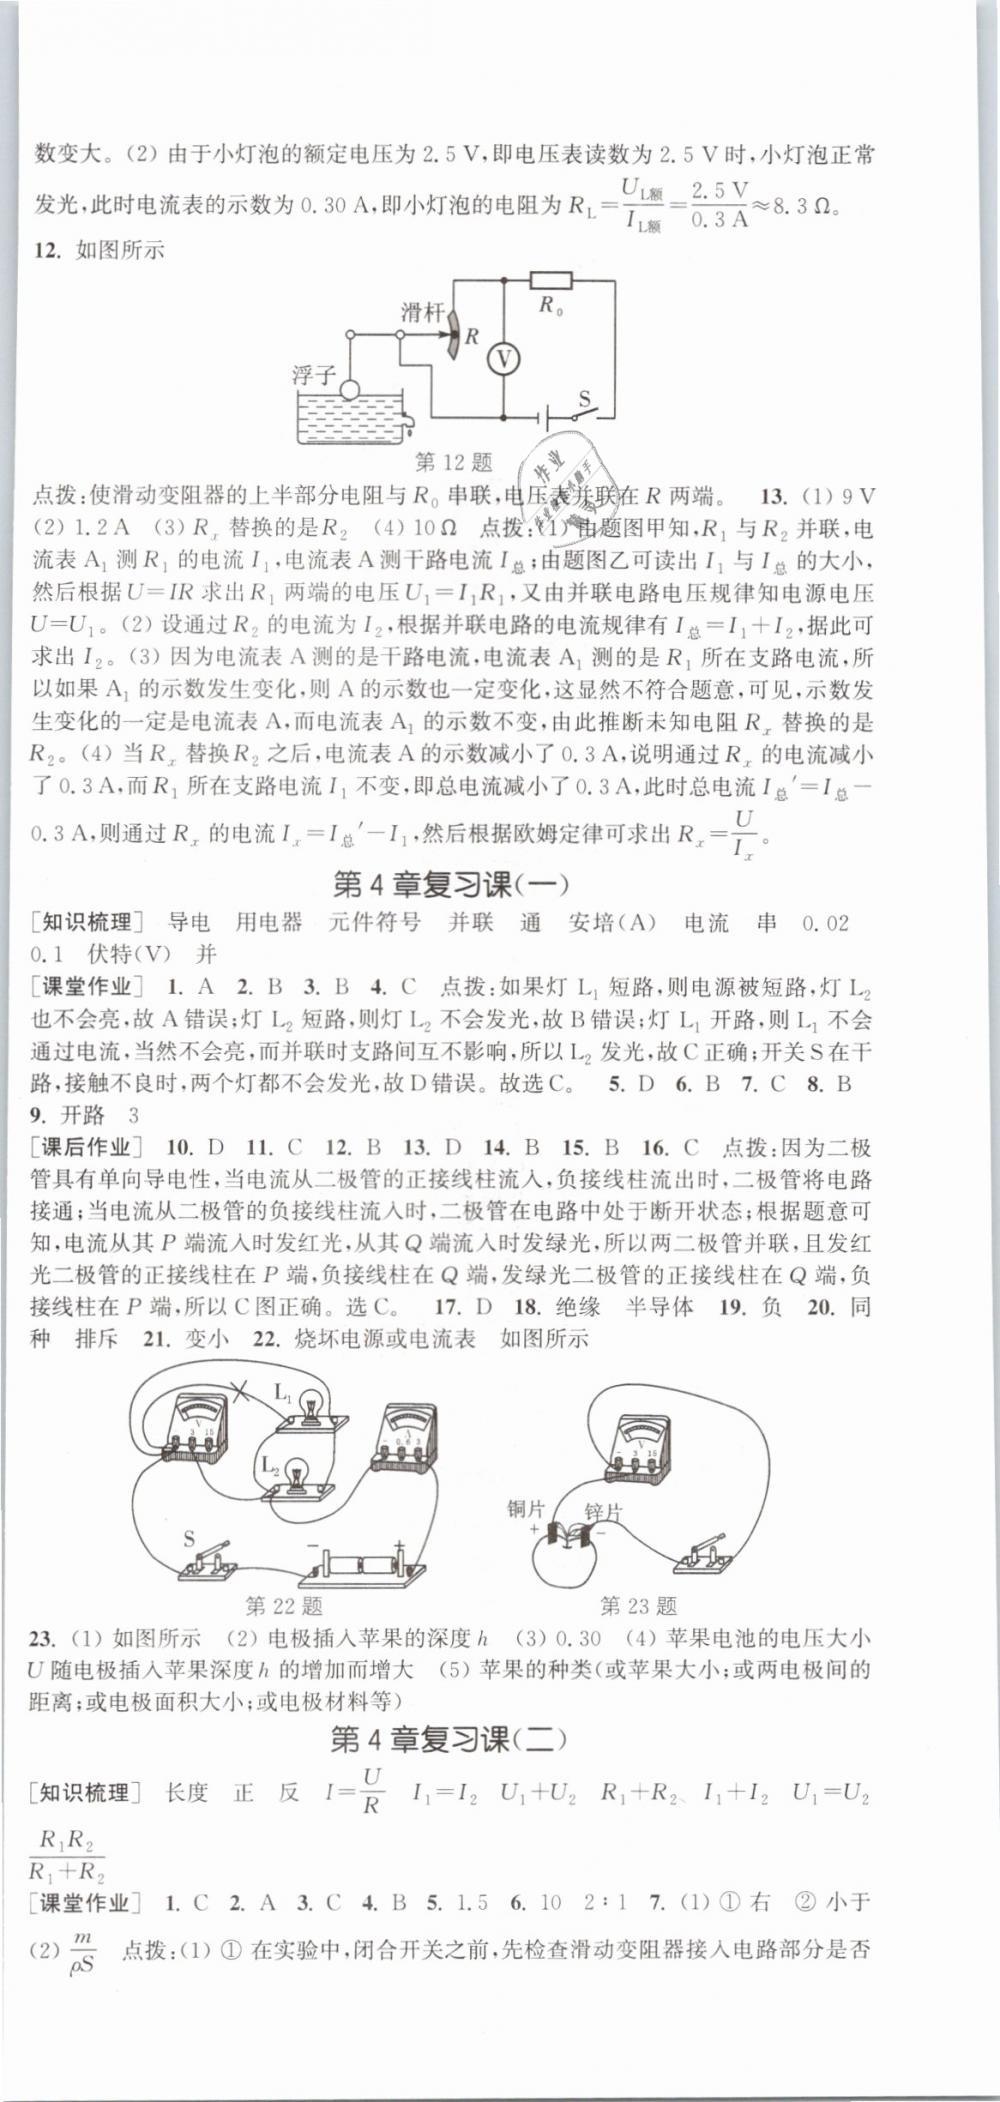 2019年通城学典课时作业本八年级科学下册华师大版第9页